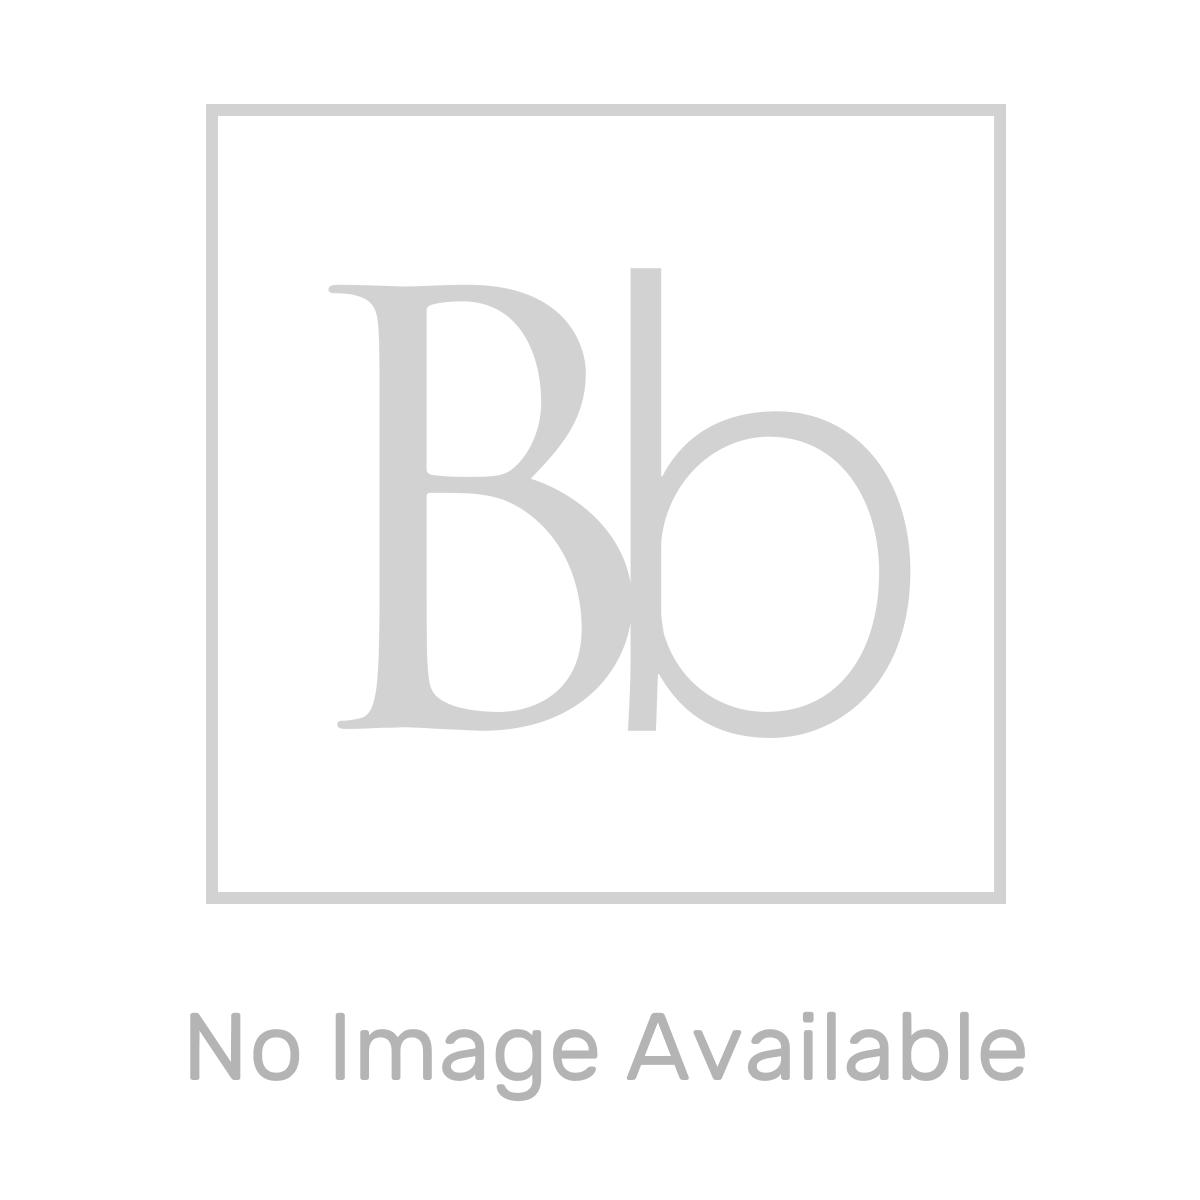 Sensio Kai Slimline LED Mirror 700 x 500 x 30